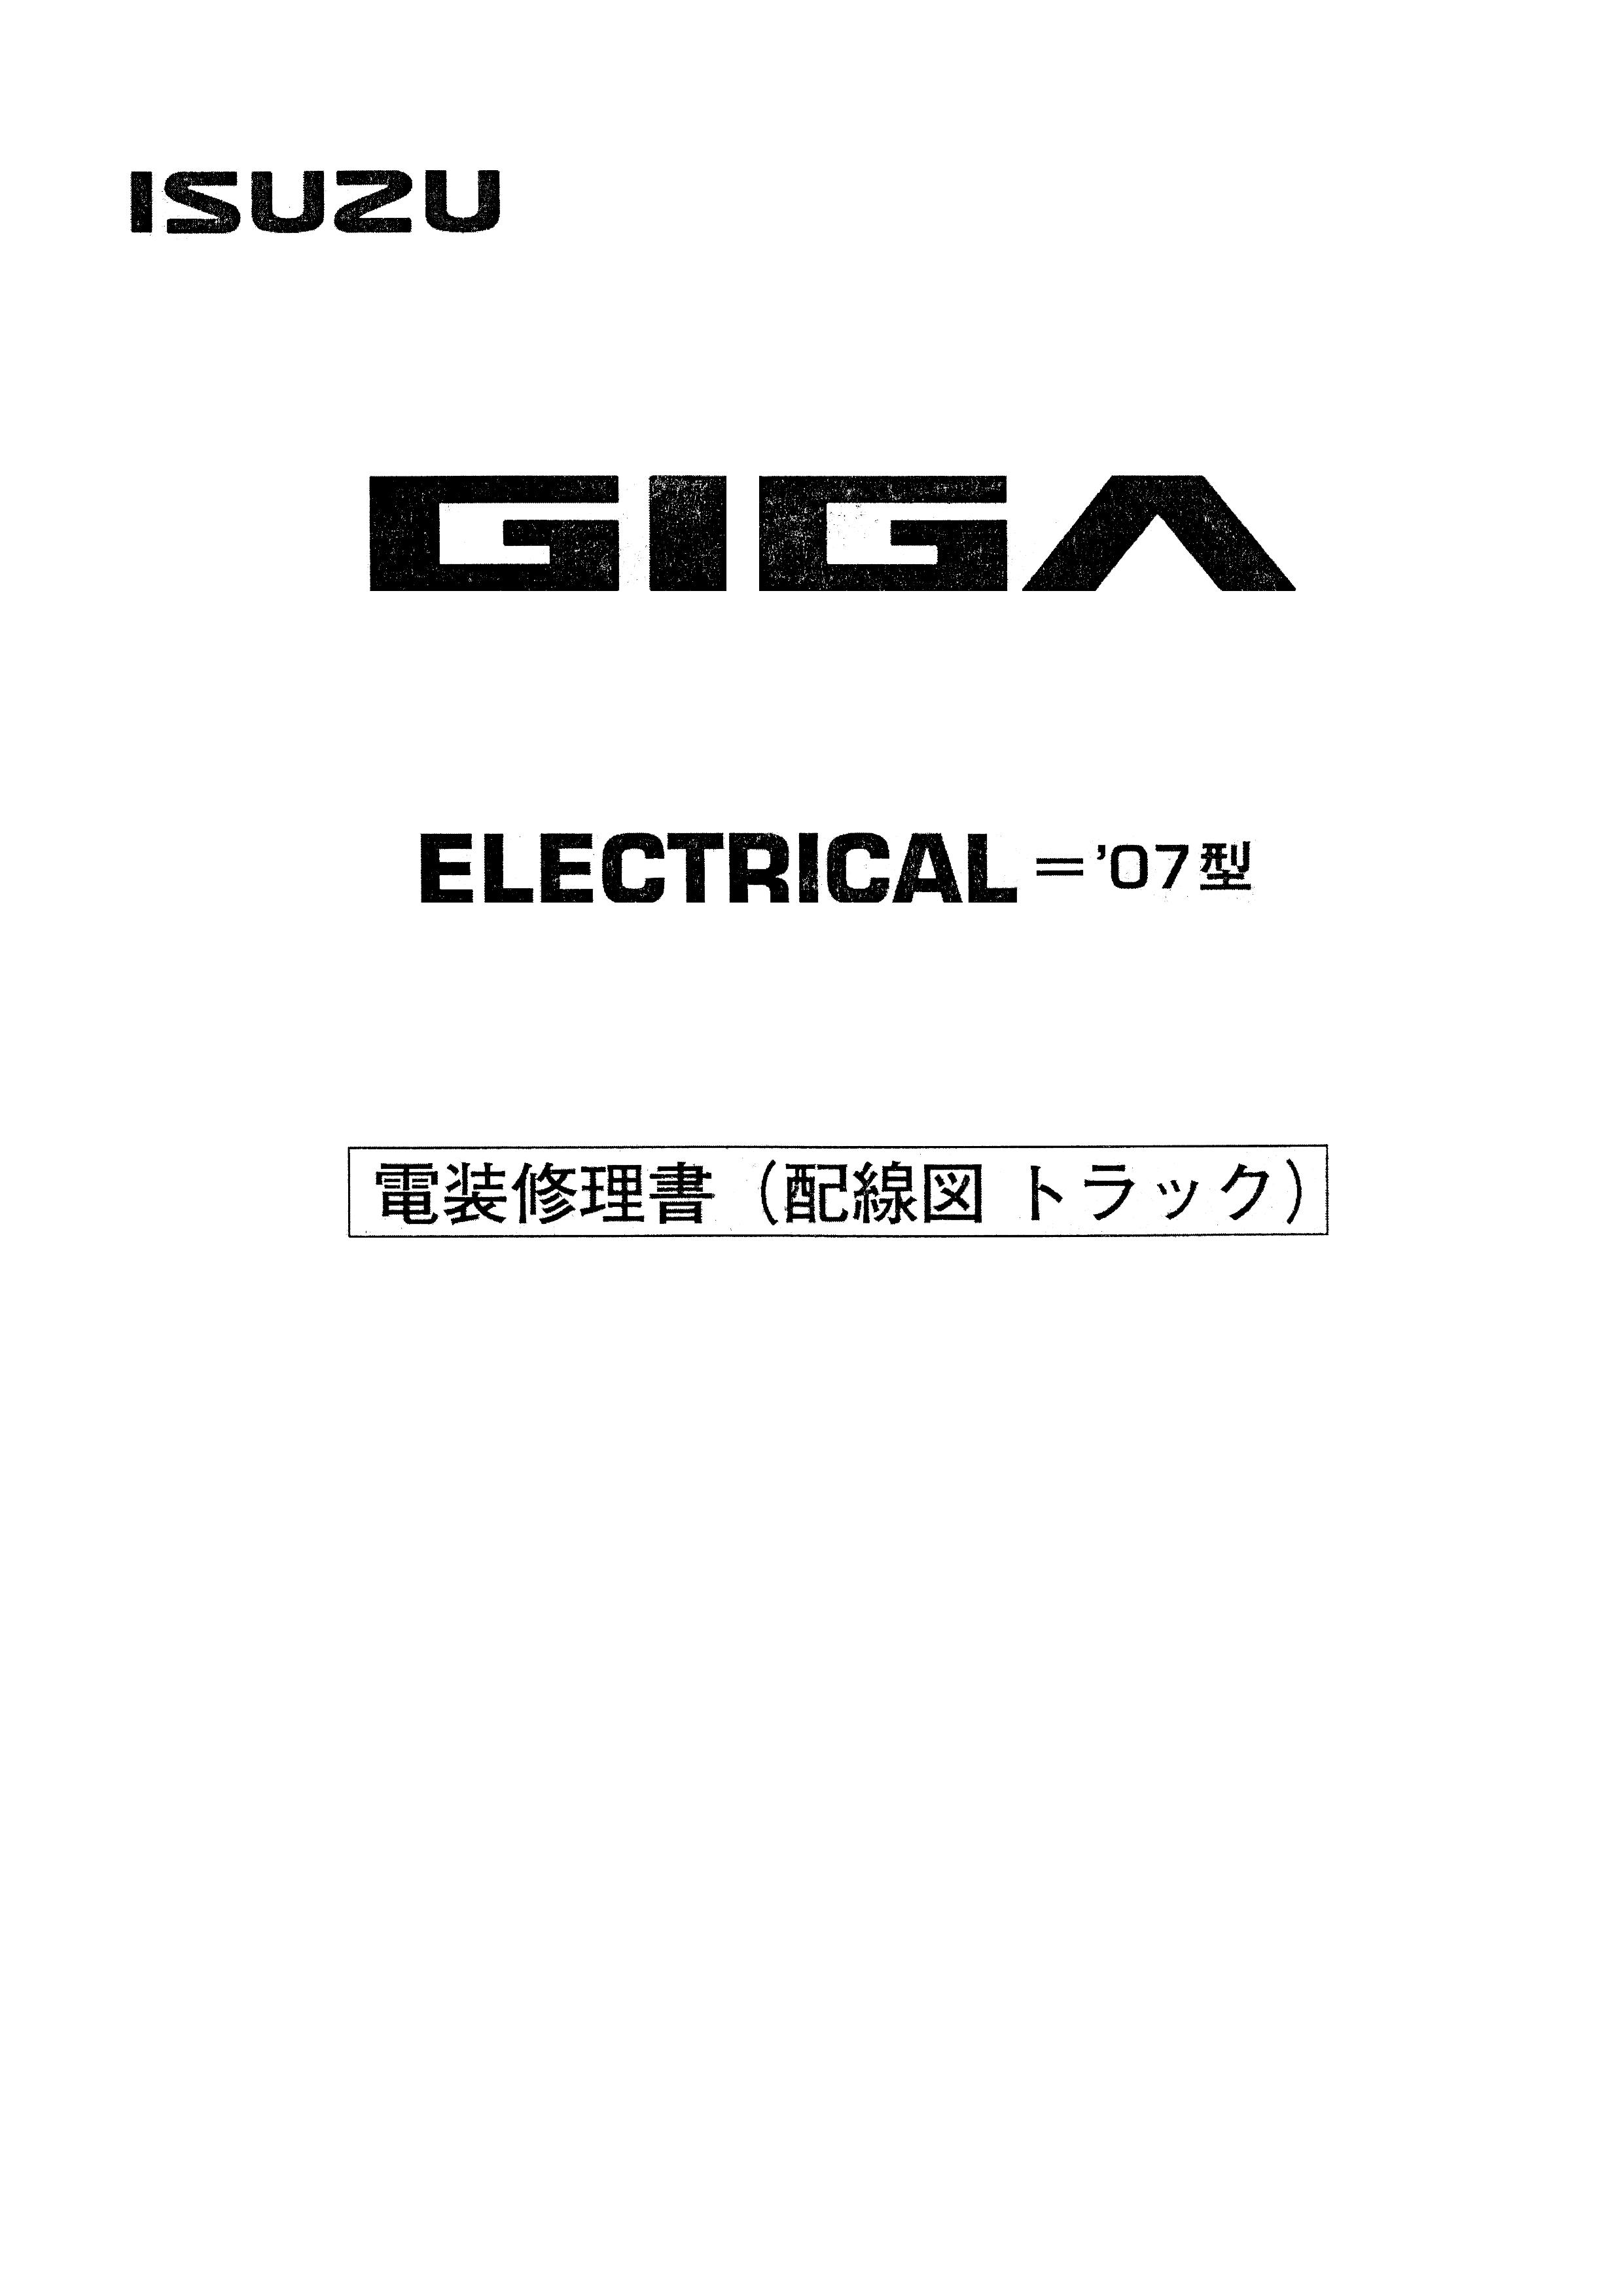 หนังสือ วงจรไฟฟ้า รถบรรทุก ISUZU GIGA ทั้งคัน เครื่องยนต์ 6UZ1, 6WG1 สำหรับเครื่องเซียงกง ภาษาญี่ปุ่น